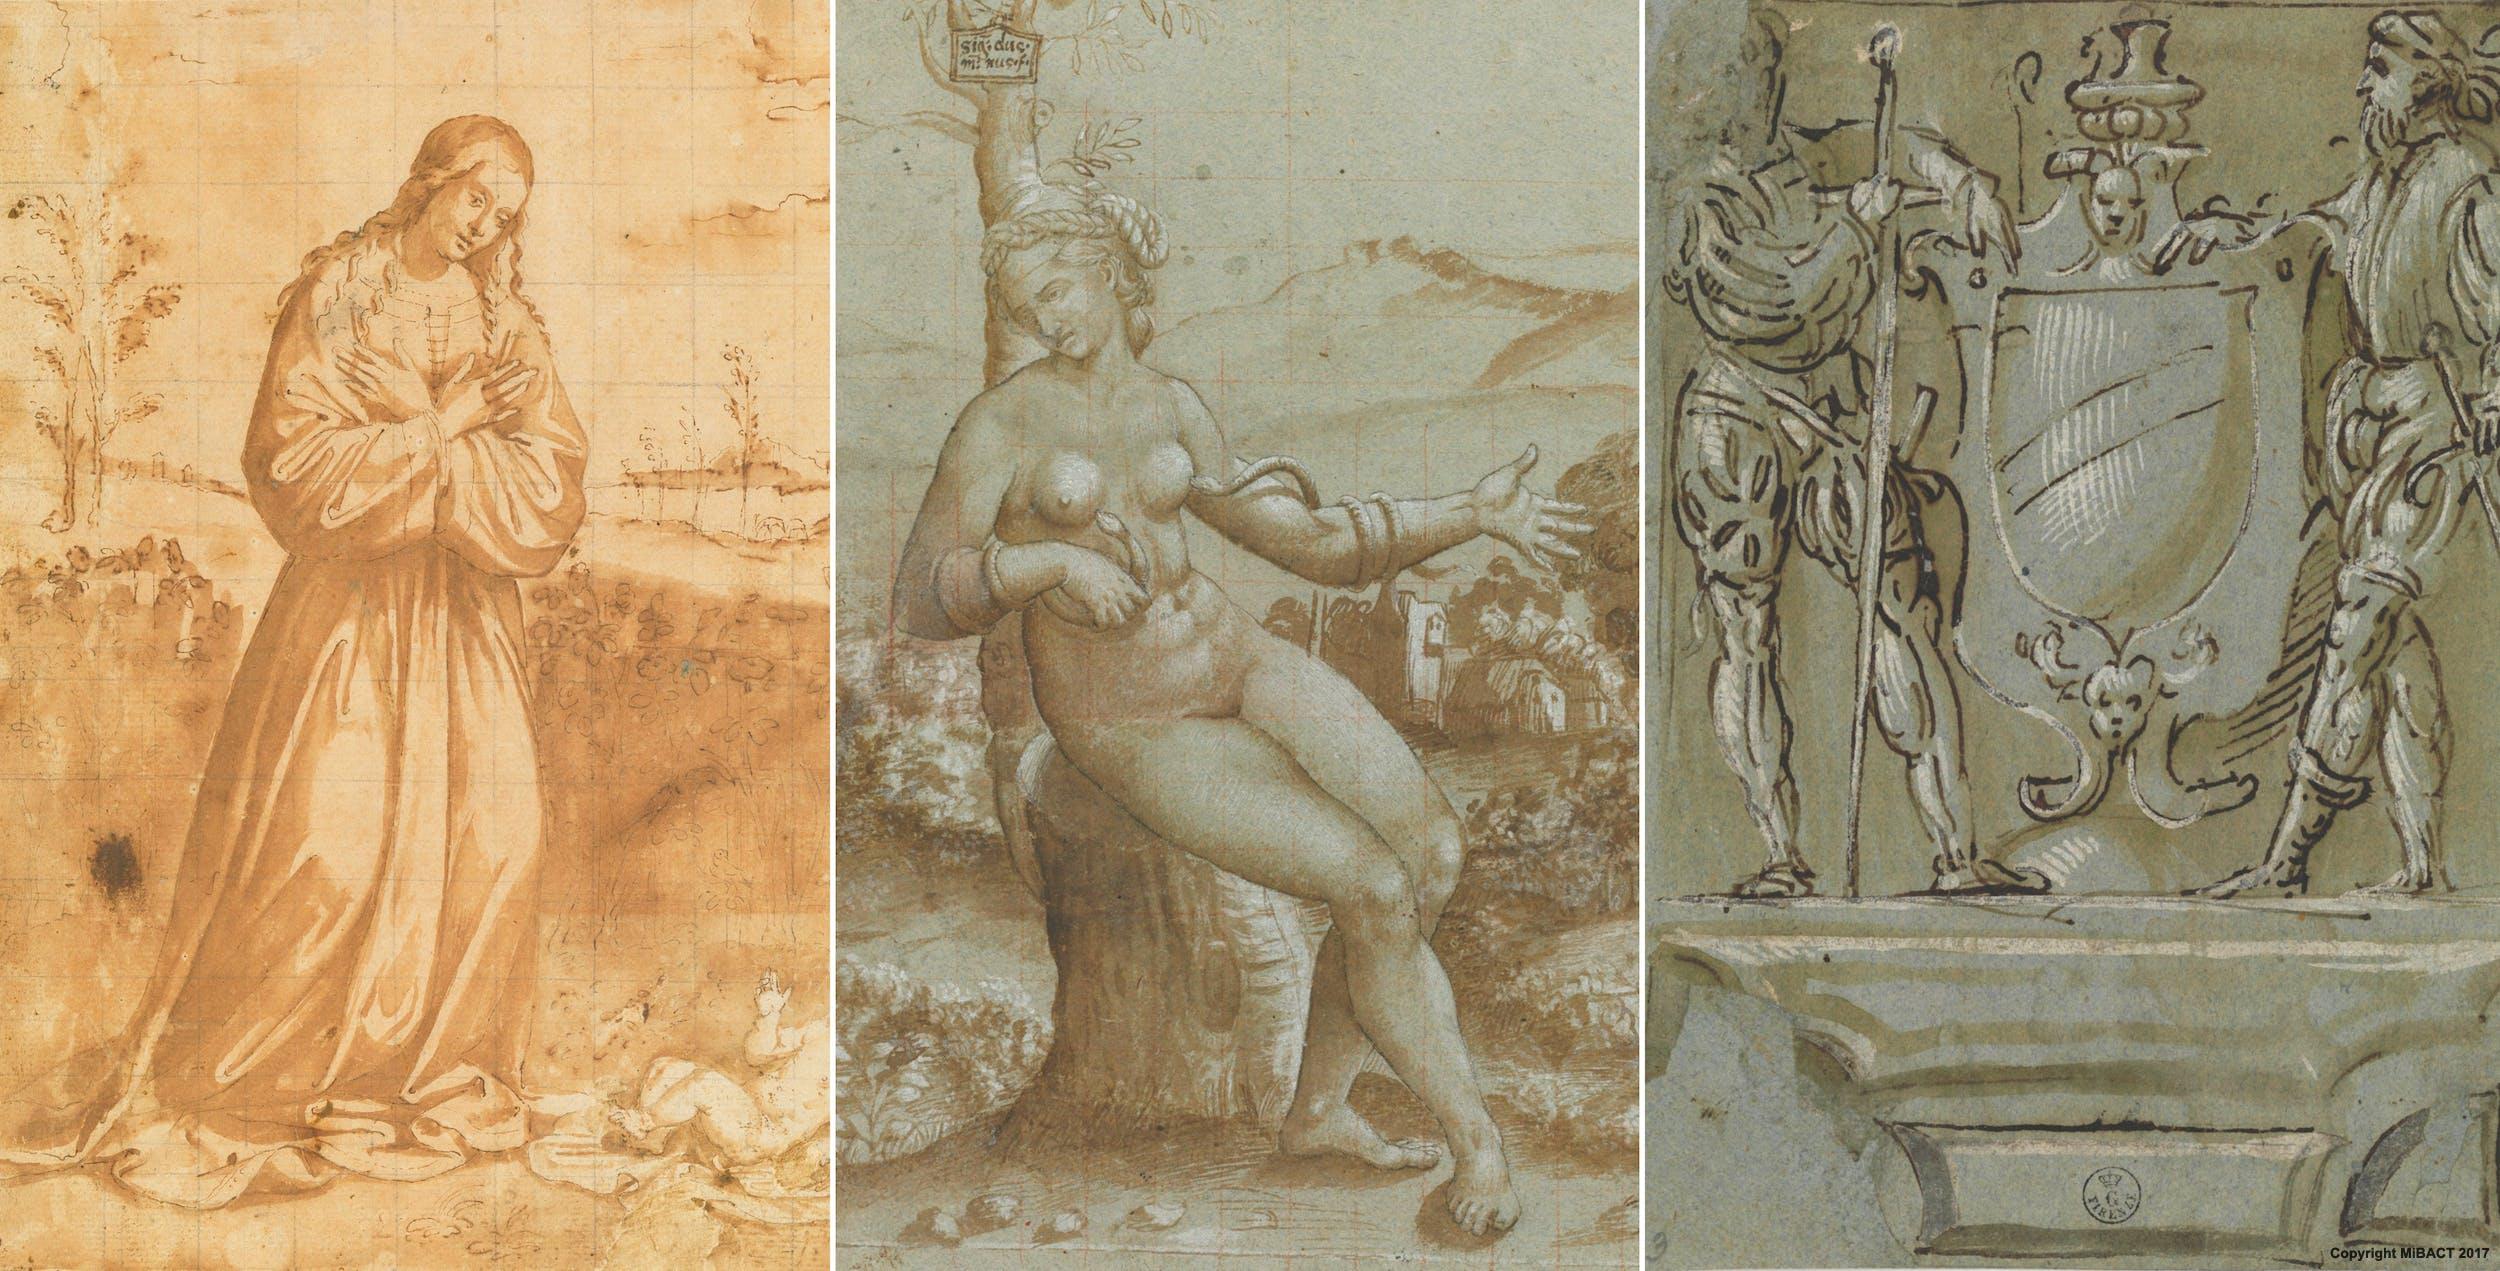 Sezione I - Dettagli:  A) Il Francia, Madonna che adora Gesù  B) Il Francia, Morte di Cleopatra  C) Aspertini, Due soldati a fianco di uno stemma